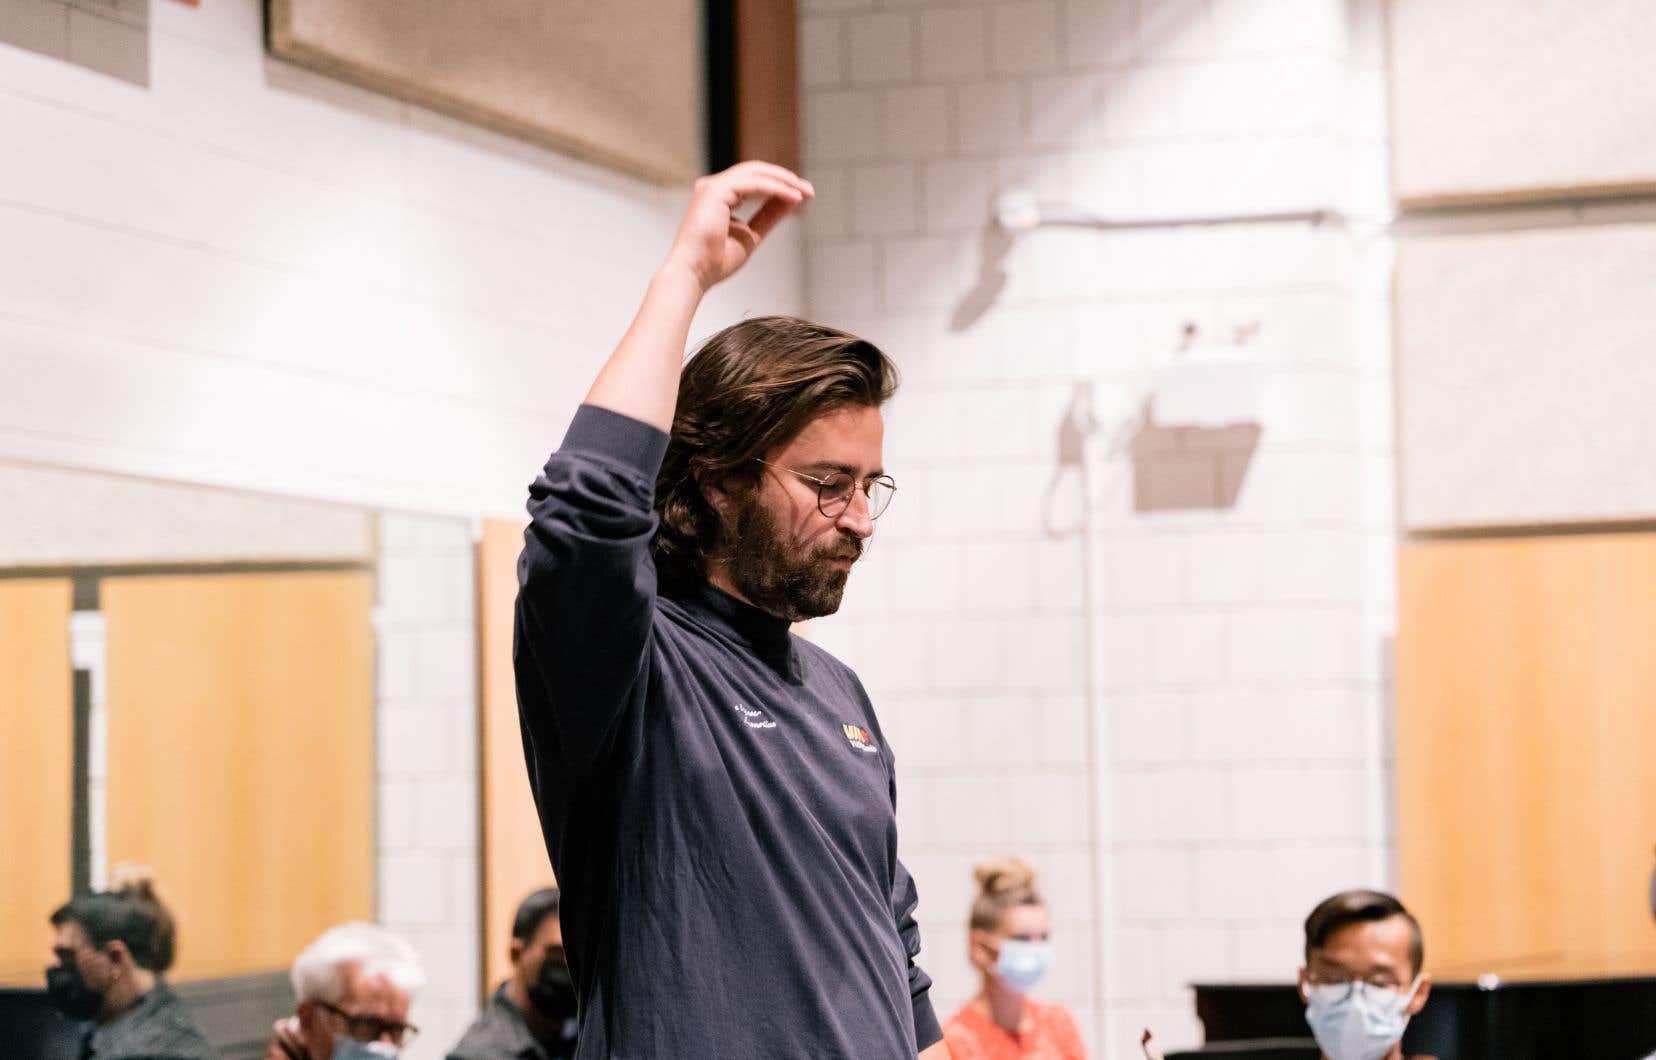 «J'essaie de ne pas m'imaginer de mise en scène et de ne partir que des mots d'Olivier Kemeid. Le défi, quand on compose un opéra, c'est que tout ait un sens musicalement. Il faut que tout soit connecté à l'émotion véhiculée par les mots sans jamais sonner grotesque», explique le chef Hubert Tanguay-Labrosse, ici en répétition.